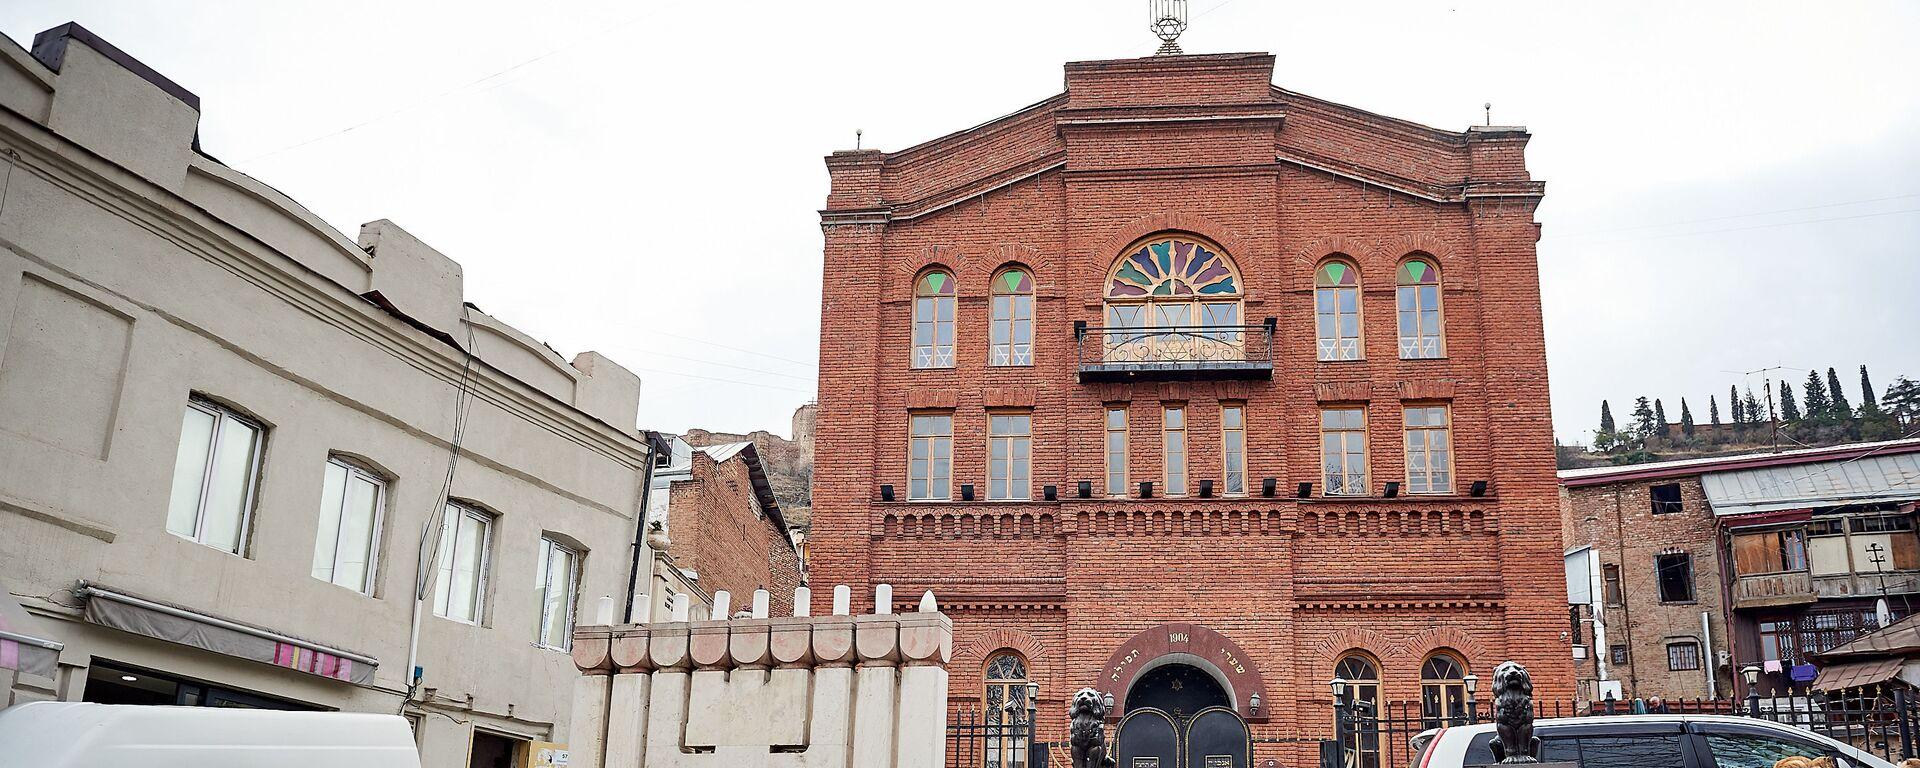 Еврейская синагога на улице Котэ Апхази - Sputnik Грузия, 1920, 05.09.2021